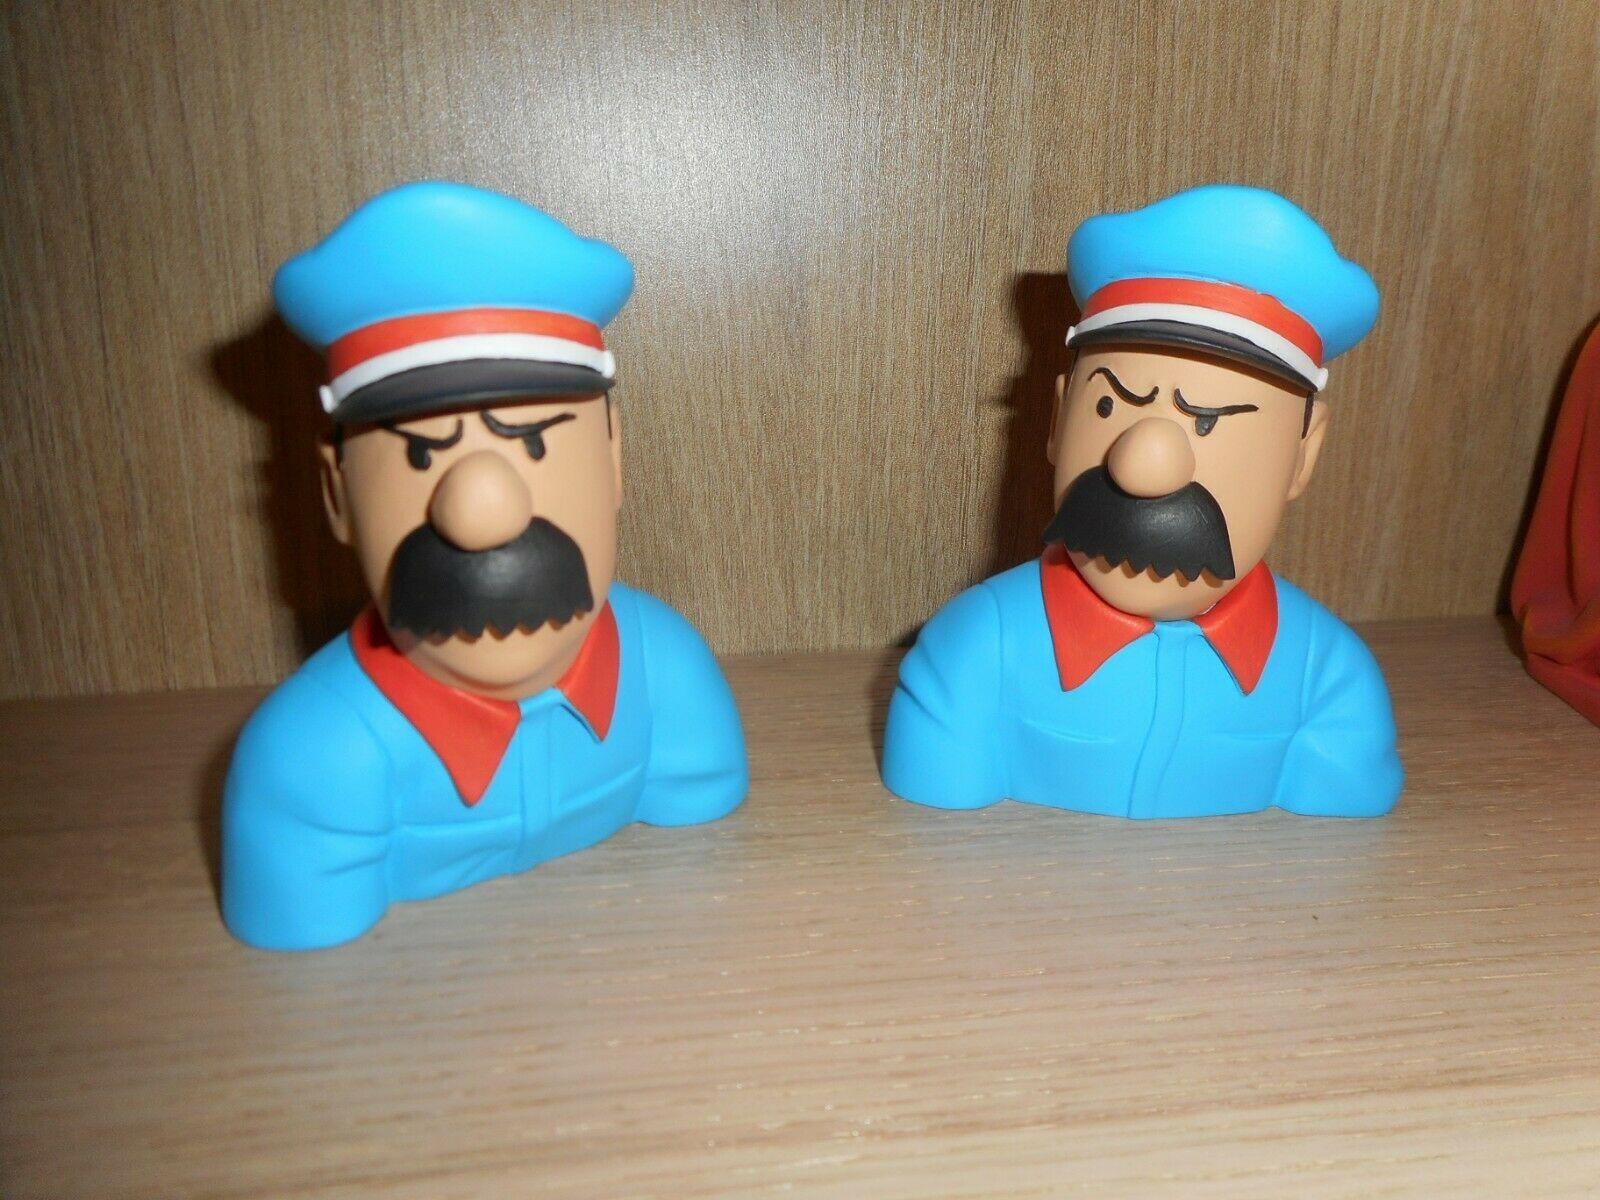 Buste Tintin Dupond et Dupont No Pixi Aroutcheff Leblon Delienne